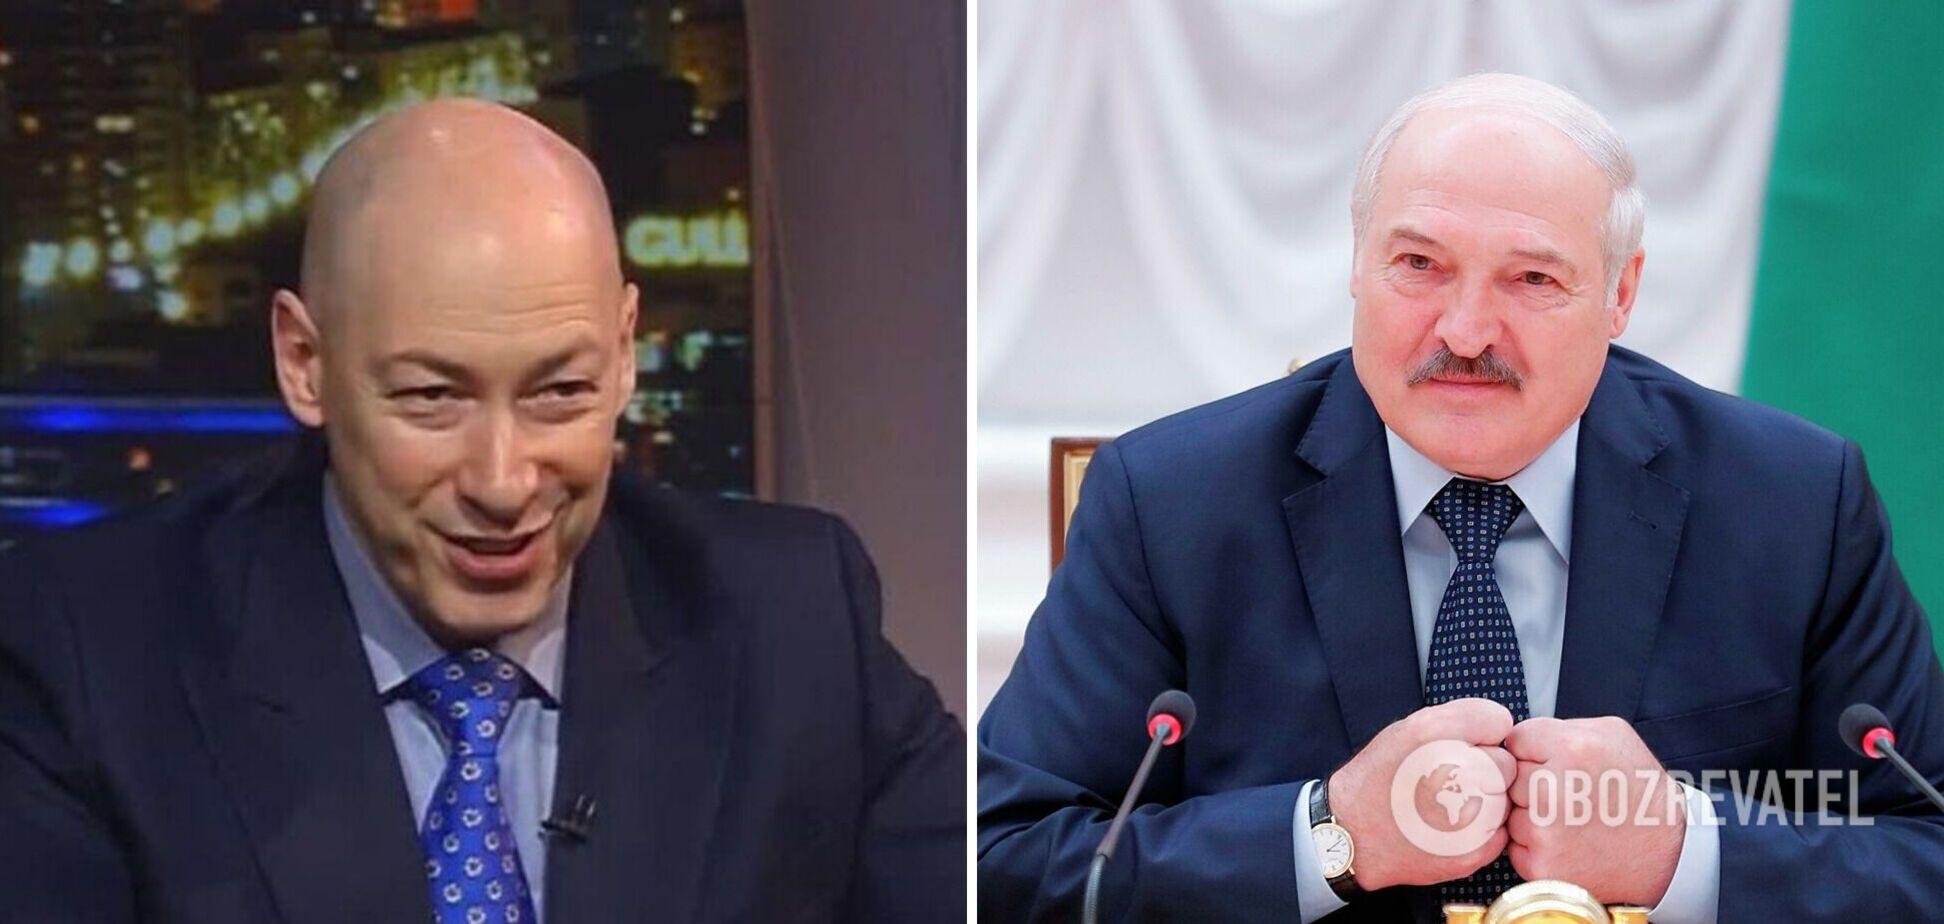 Гордон о Лукашенко: мне кажется, что у него плохо со здоровьем, возможно, не без воздействия 'друзей'